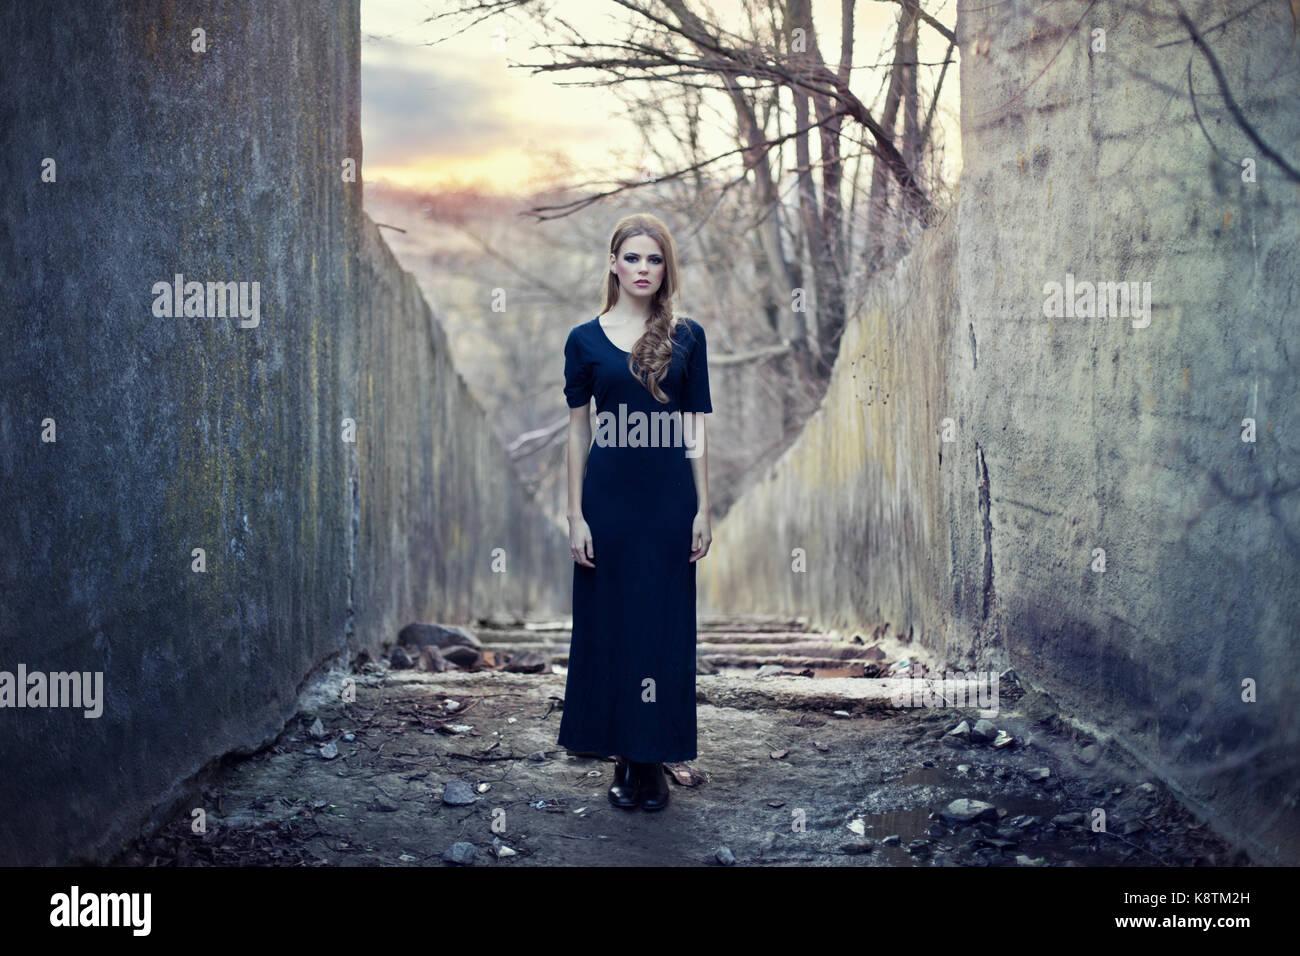 Hermosa chica solitaria en vestido largo cerca de sombrío túnel de Sunset Imagen De Stock